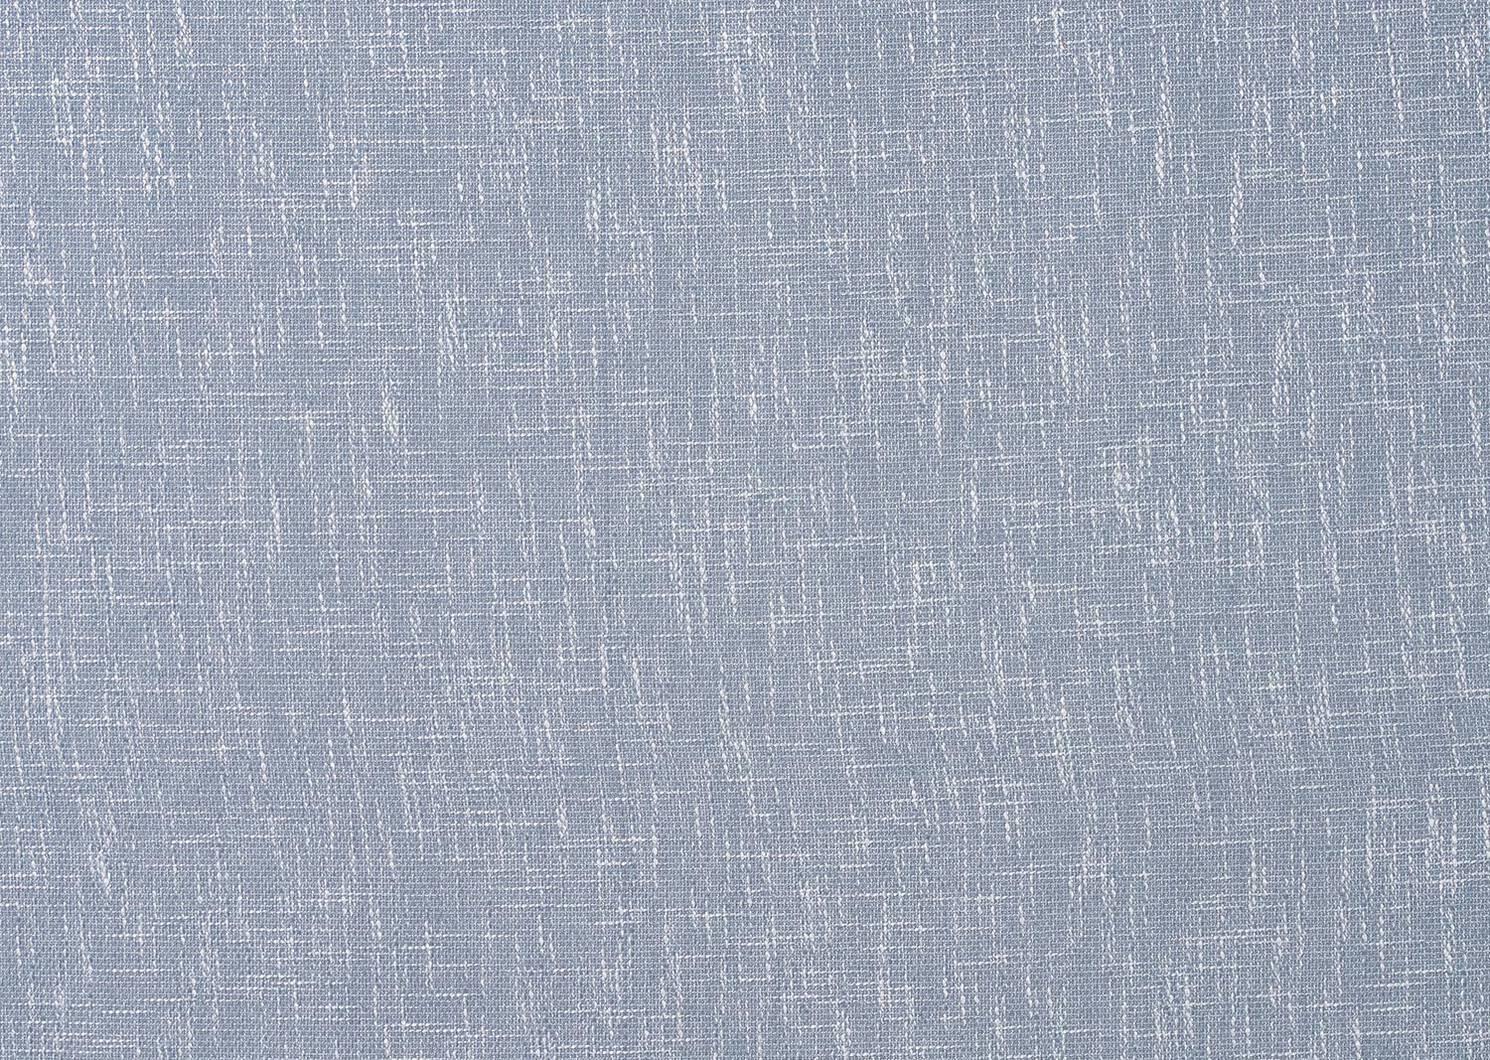 Esen Panel 96 Dusty Blue